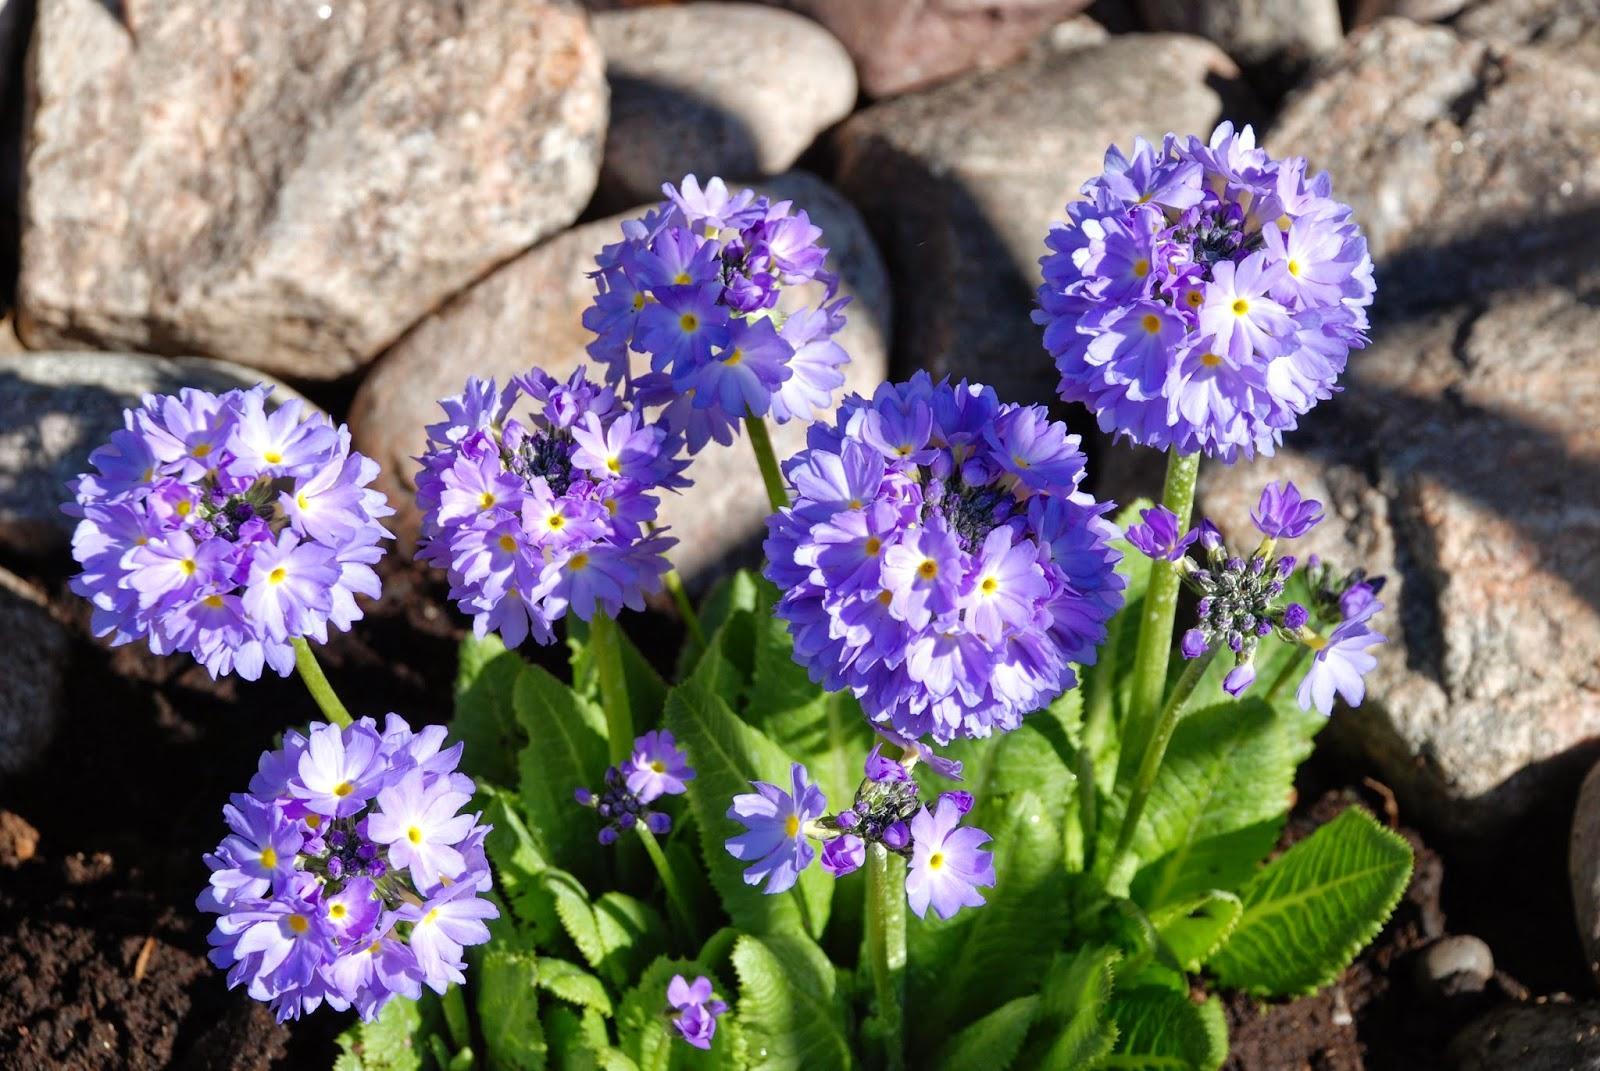 Záhrada,ktorá ťa nikdy neomrzí...divoká a krásna - Obrázok č. 20